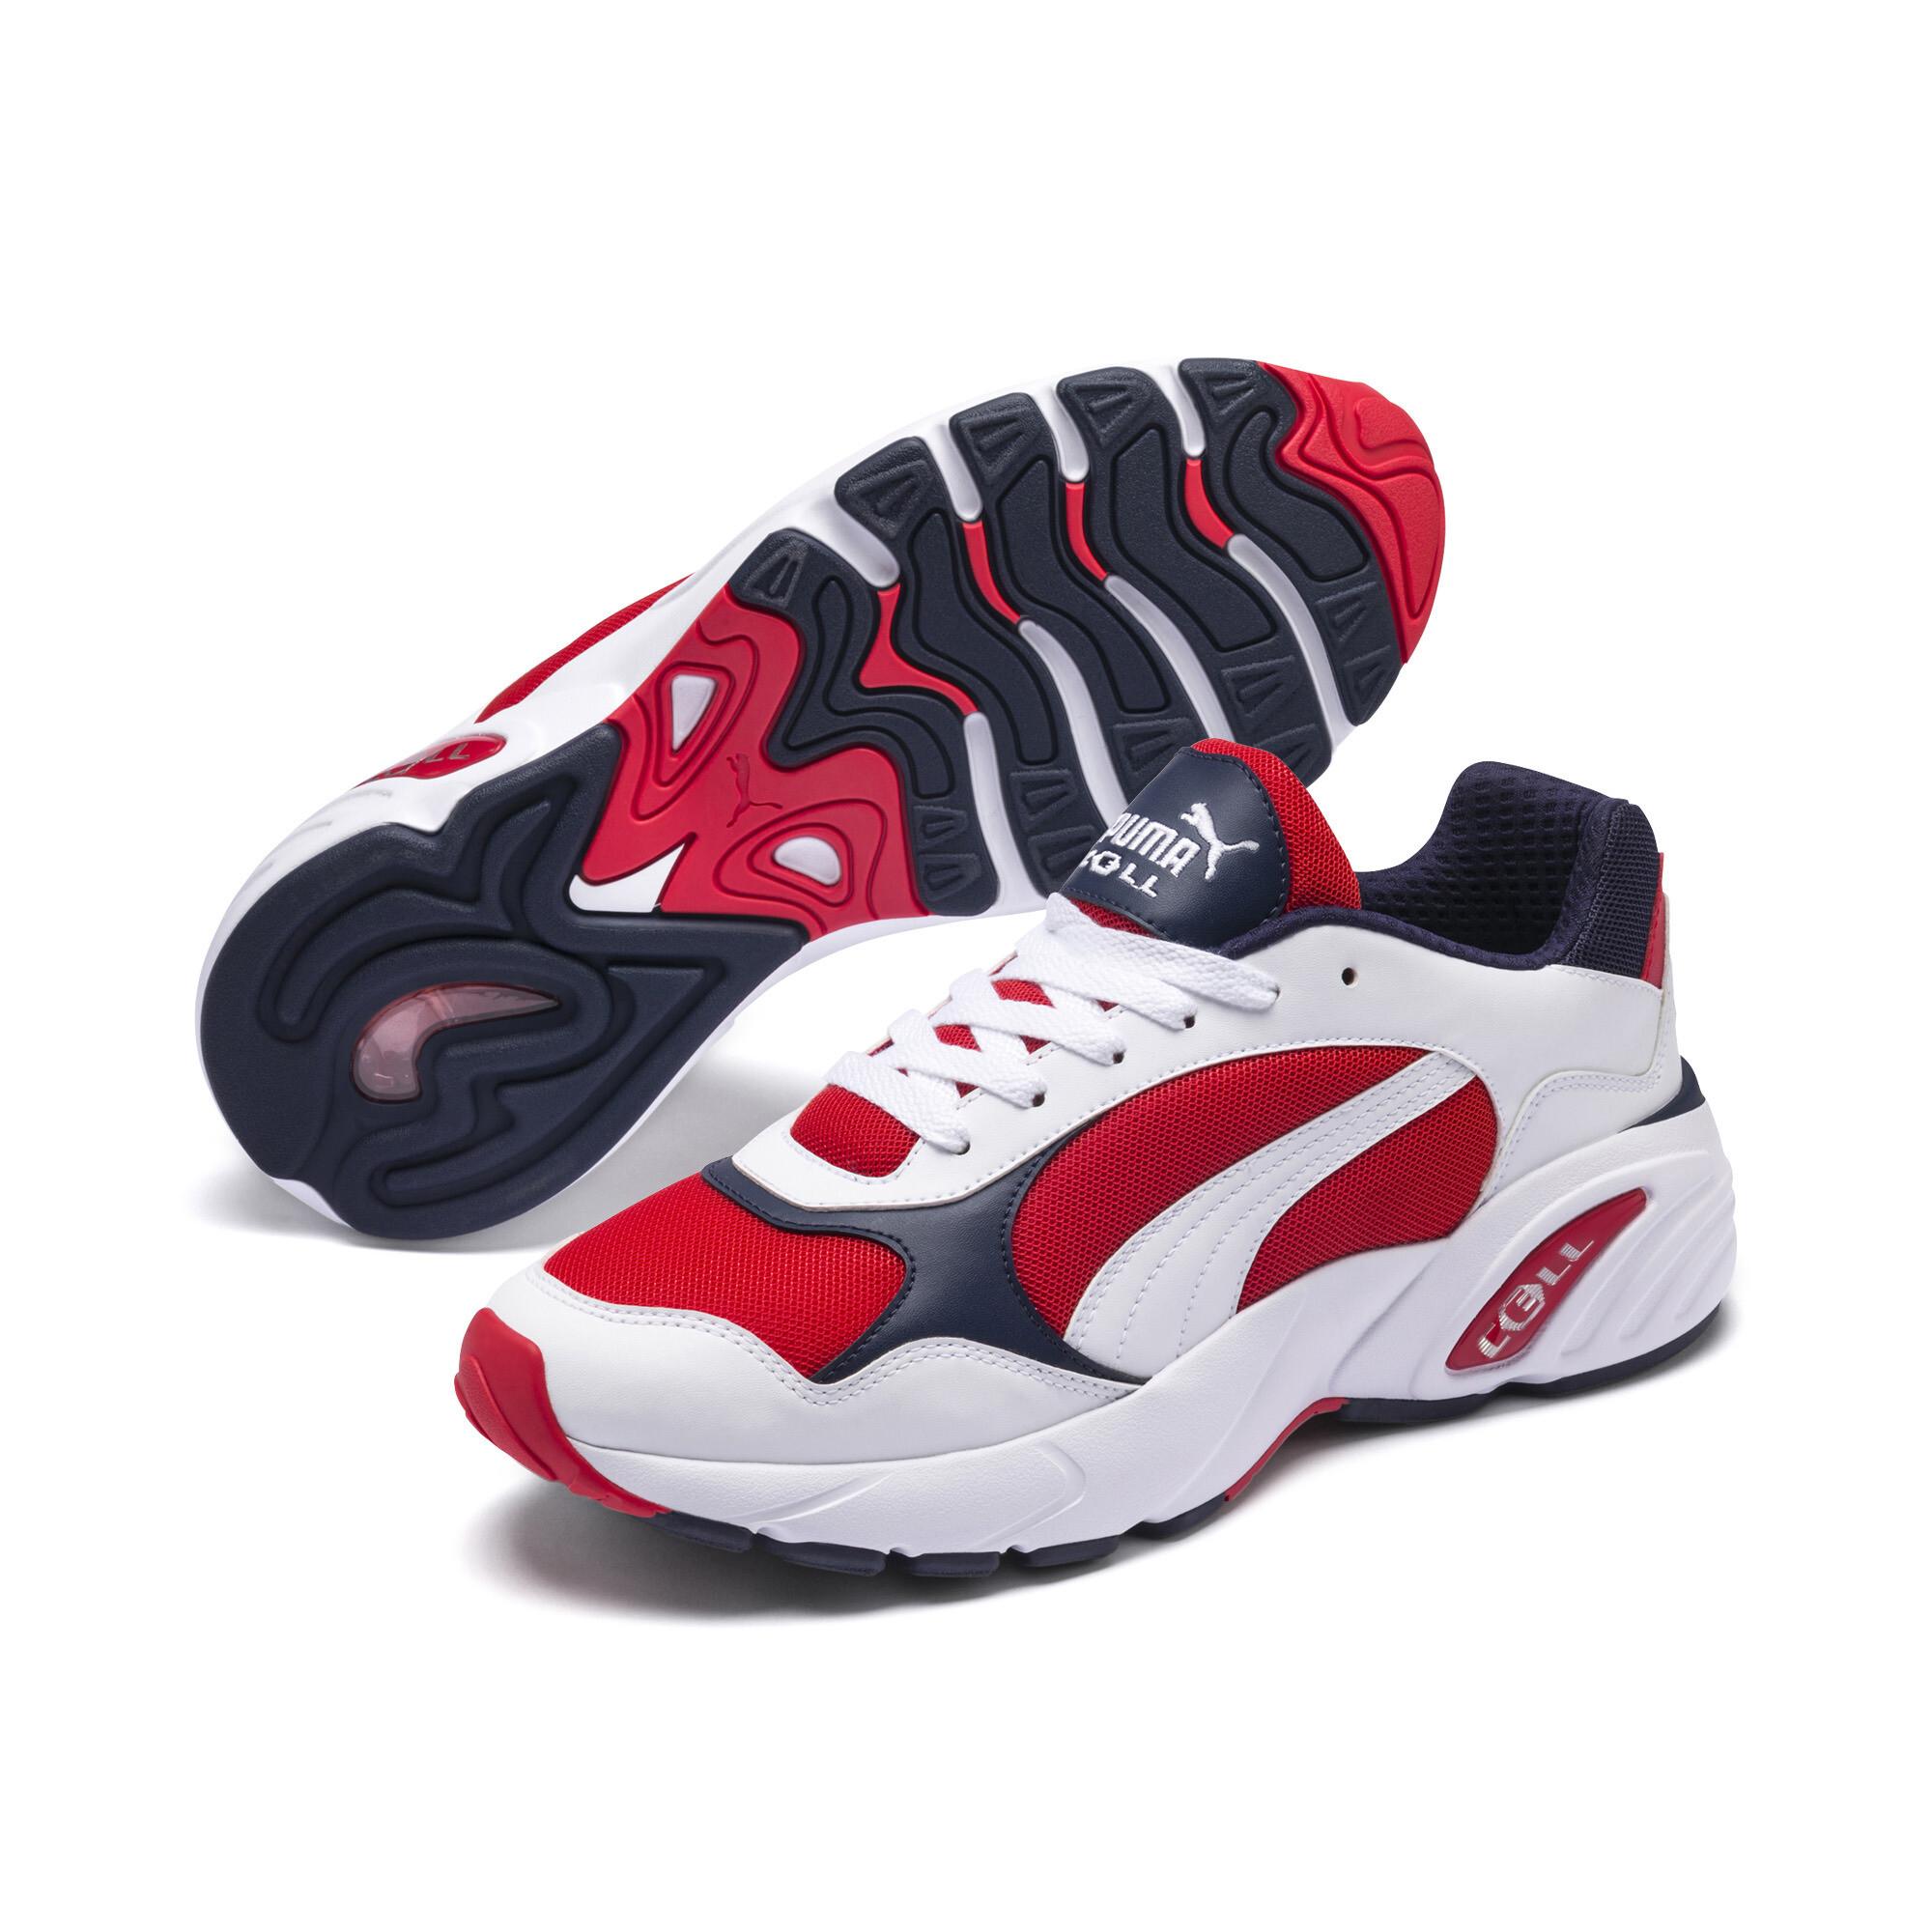 fb2665e22 Puma-Cell-Viper-Zapatos-para-Hombre-Deporte-Classics vista